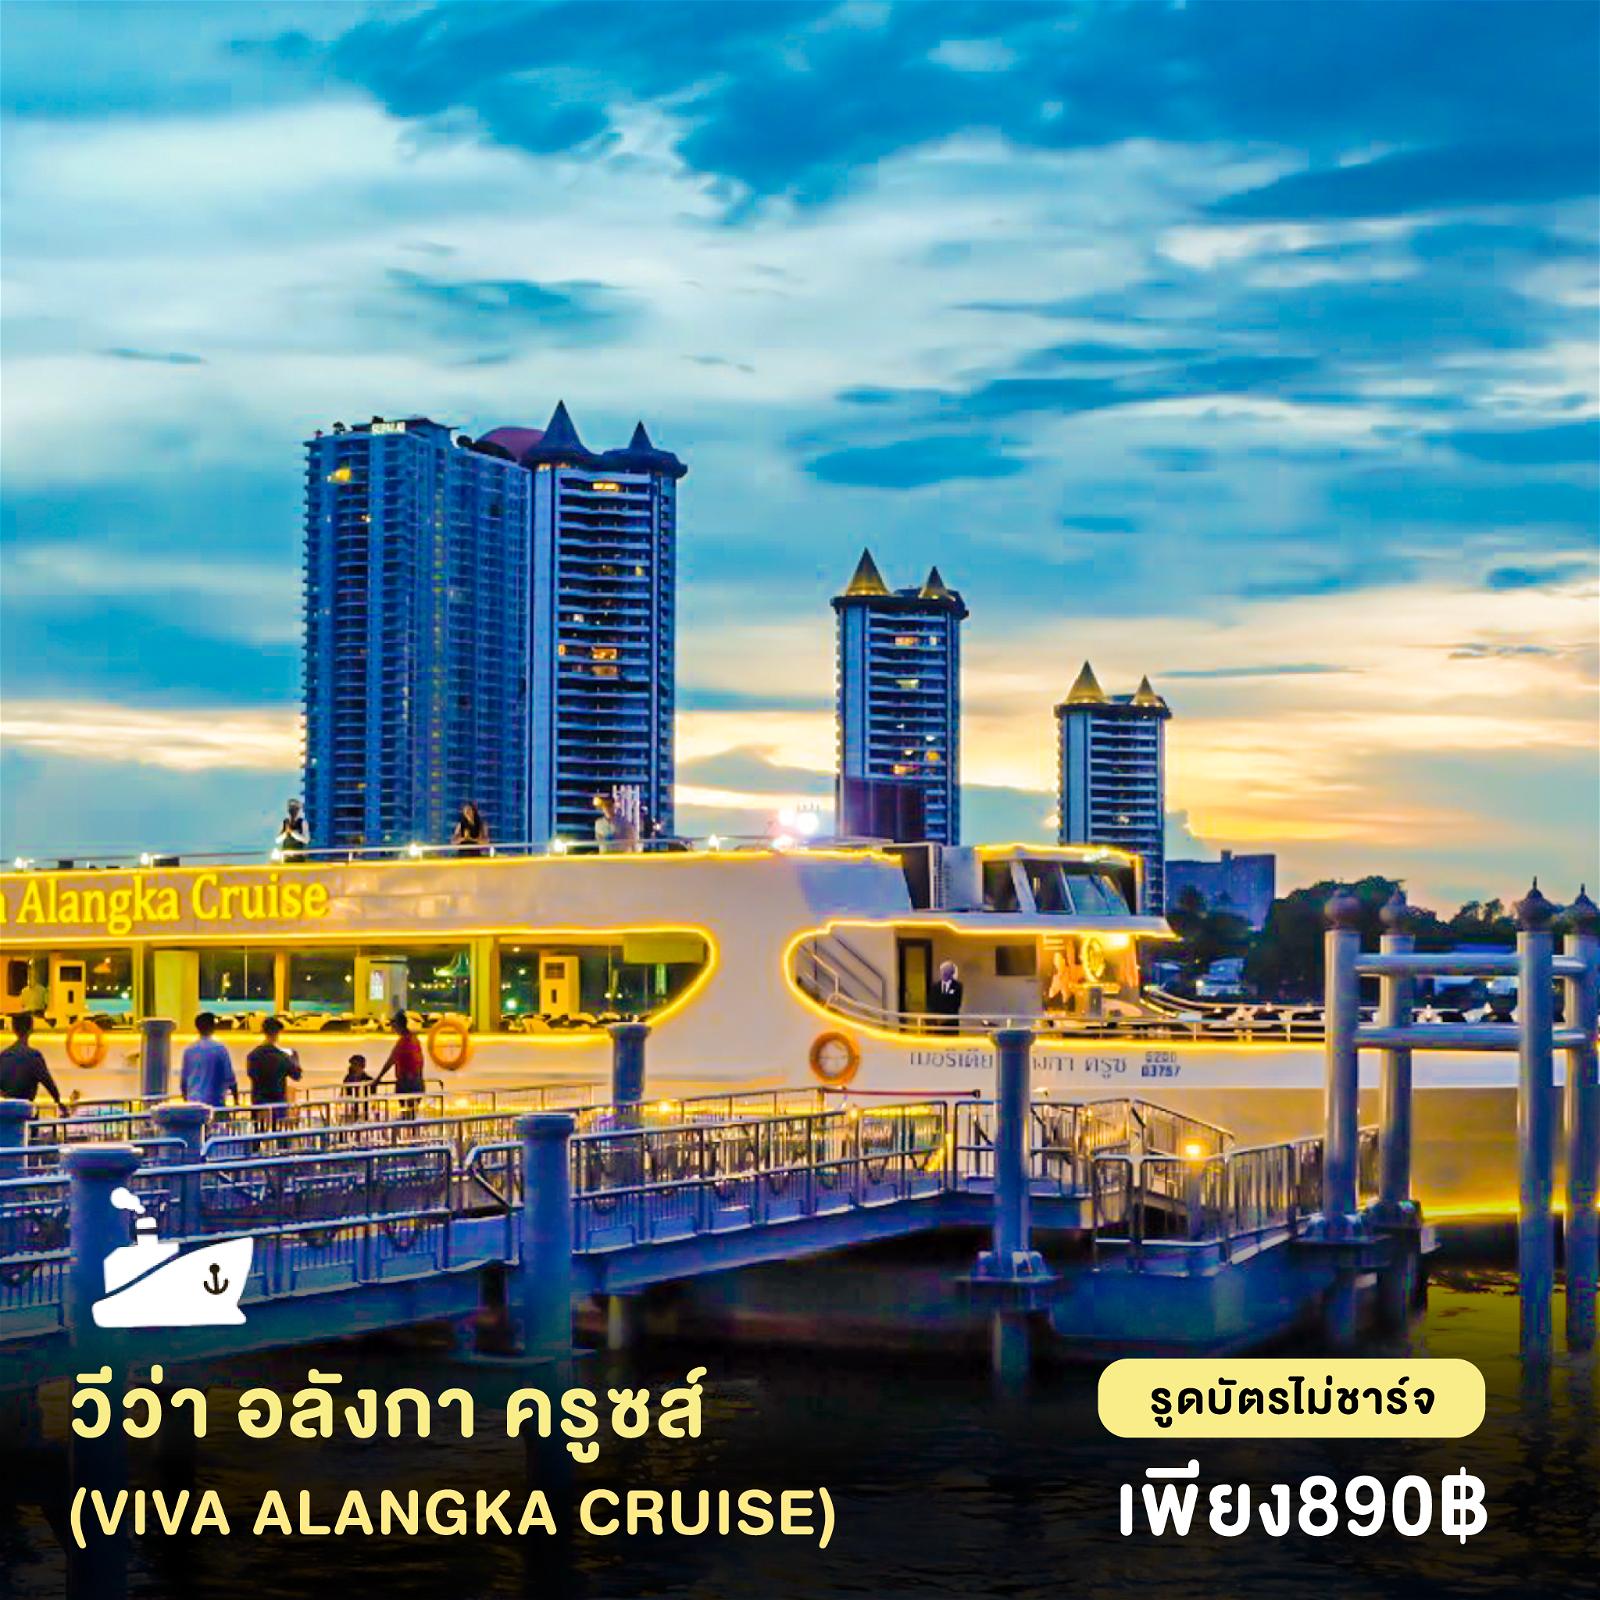 ดินเนอร์ล่องเรือวิว่าอลังกา ครูซส์ (VIVA ALANGKA CRUISE)